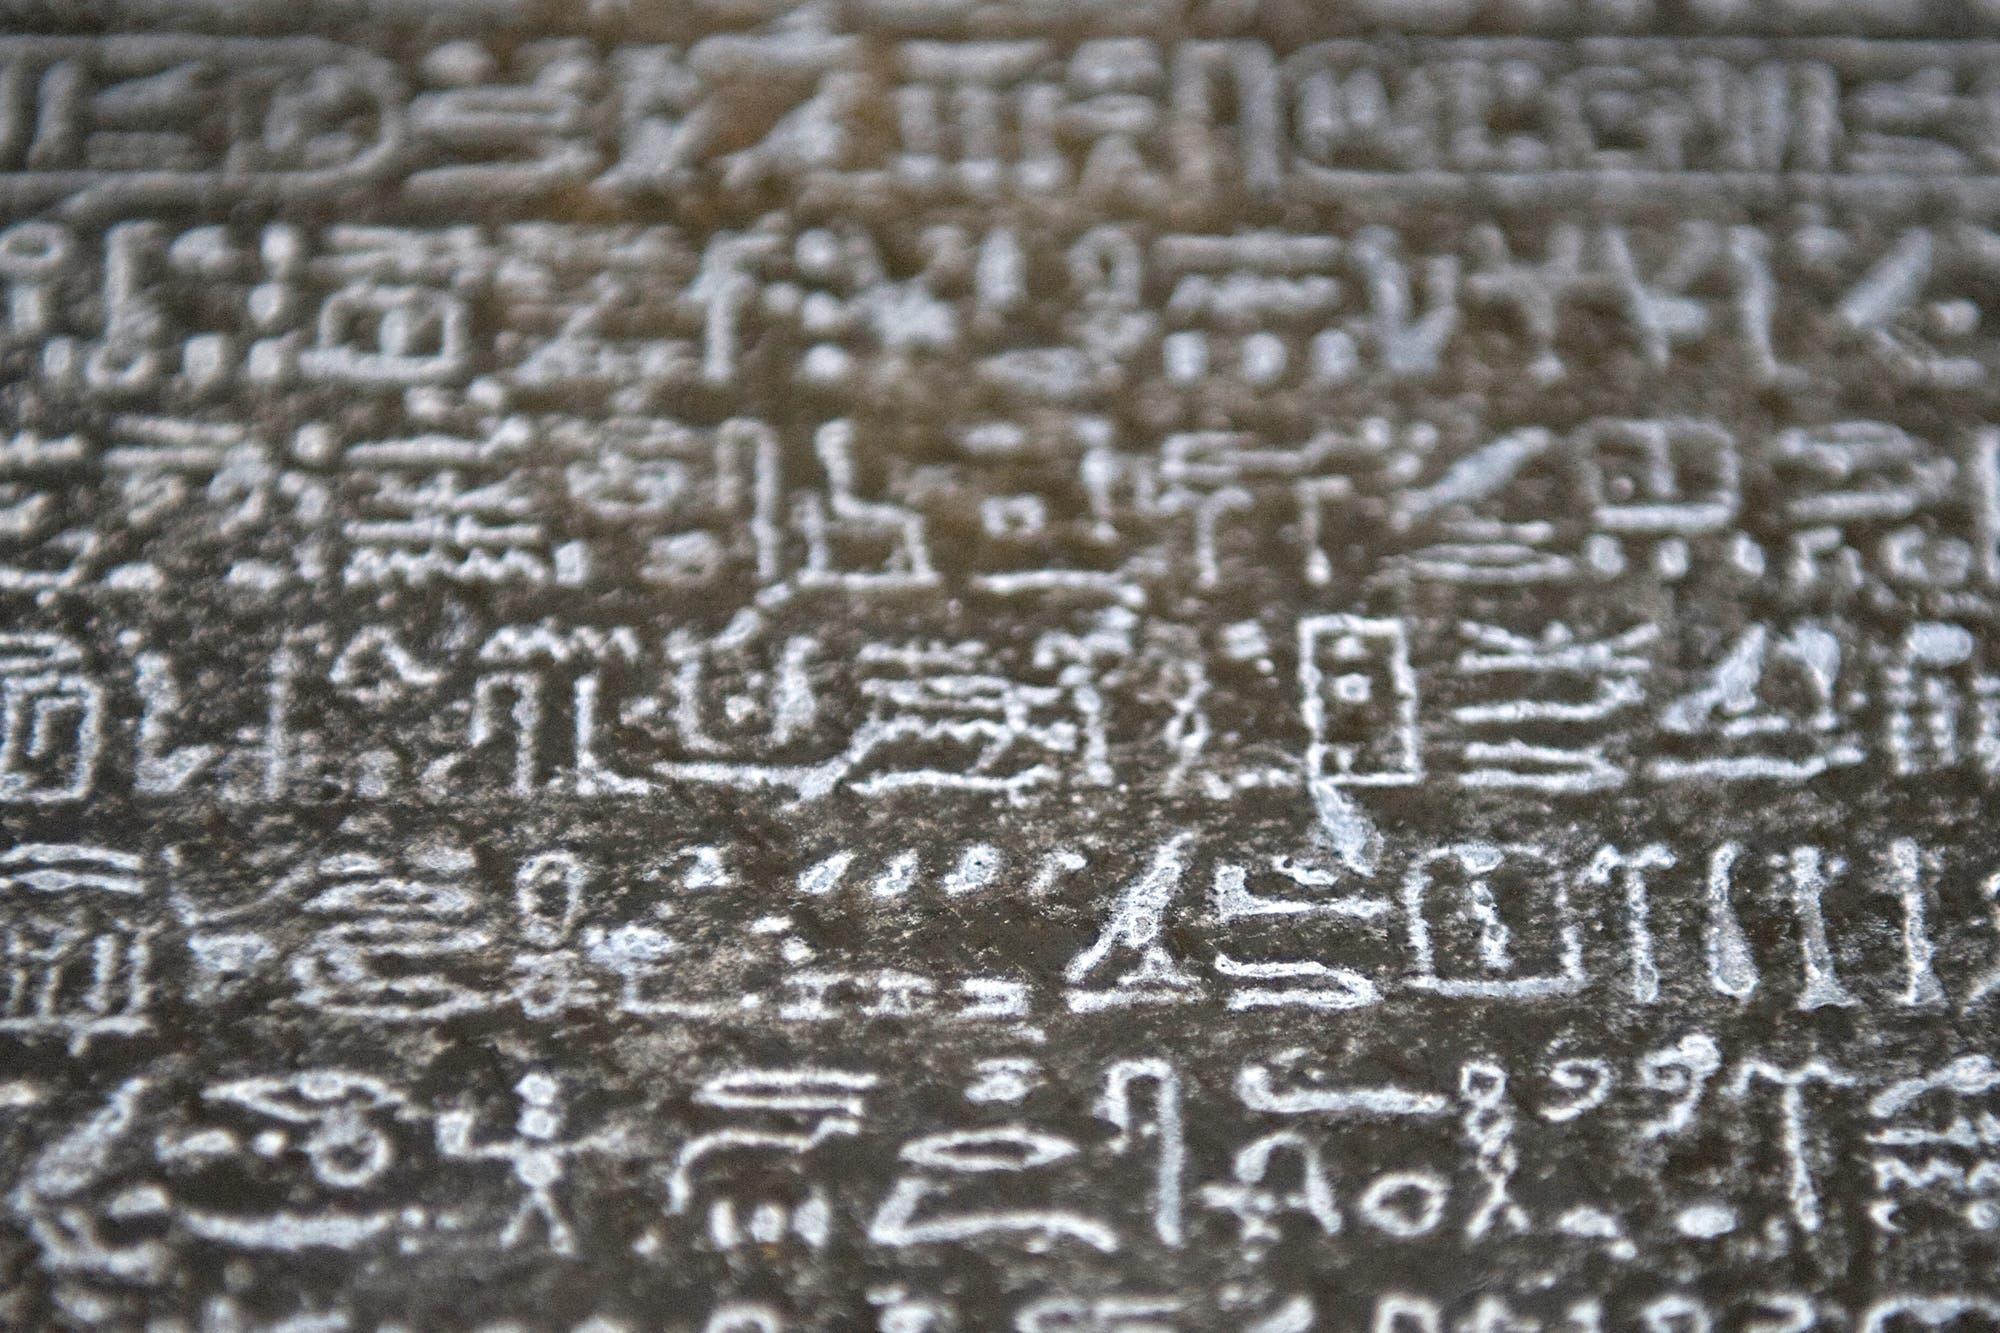 Cómo un algoritmo ayuda a descifrar la piedra de Rosetta